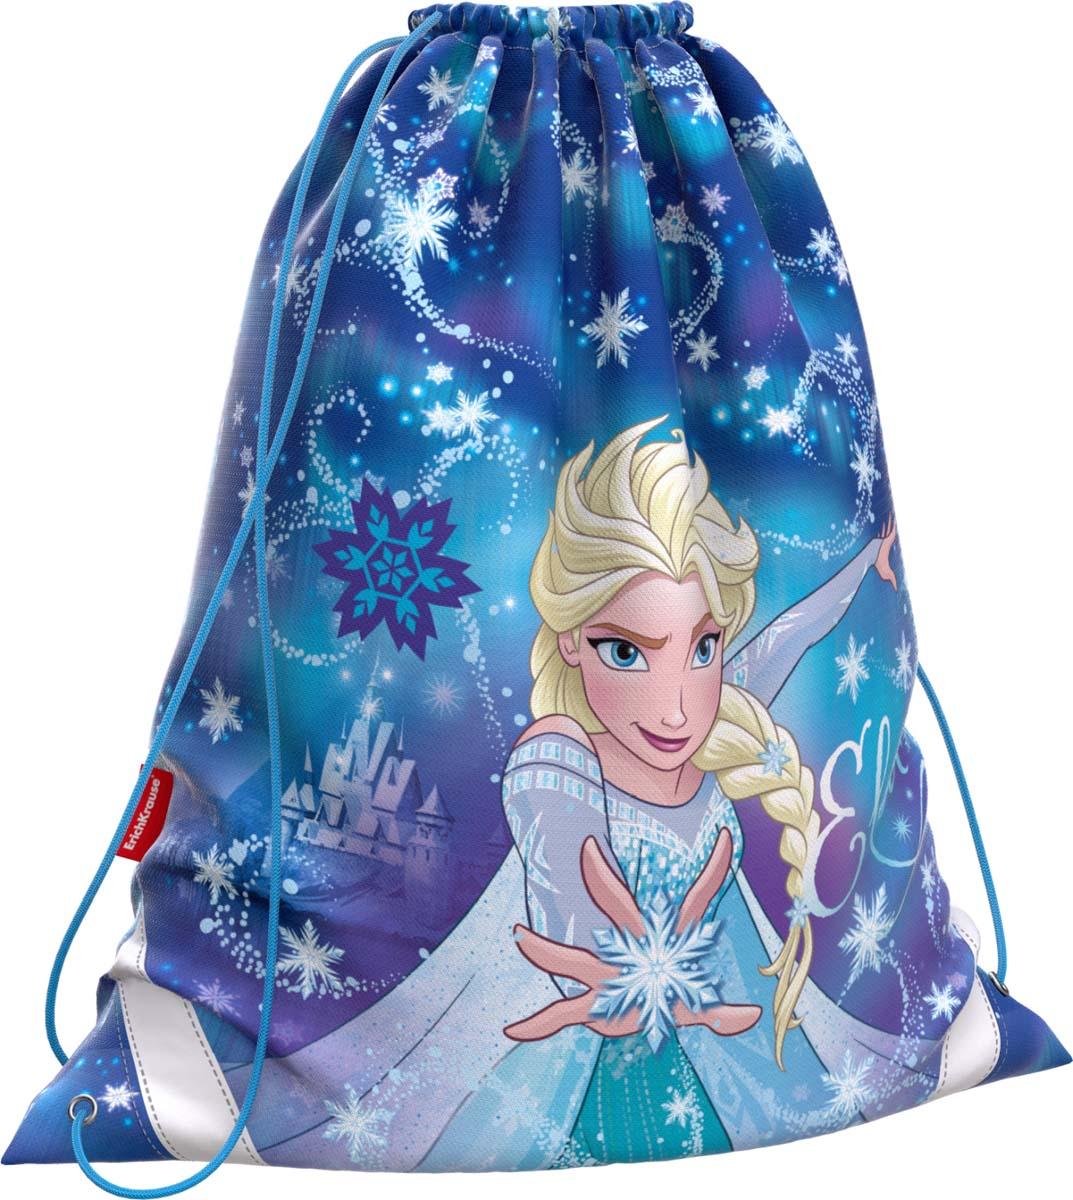 Disney Сумка для сменной обуви Холодное сердце Эльза и волшебство Северного сияния 45236 disney disney школьной зрачки девушка 3 4 6 сортов отдыха и путешествия плеча сумка 0168 розовых детского рюкзак